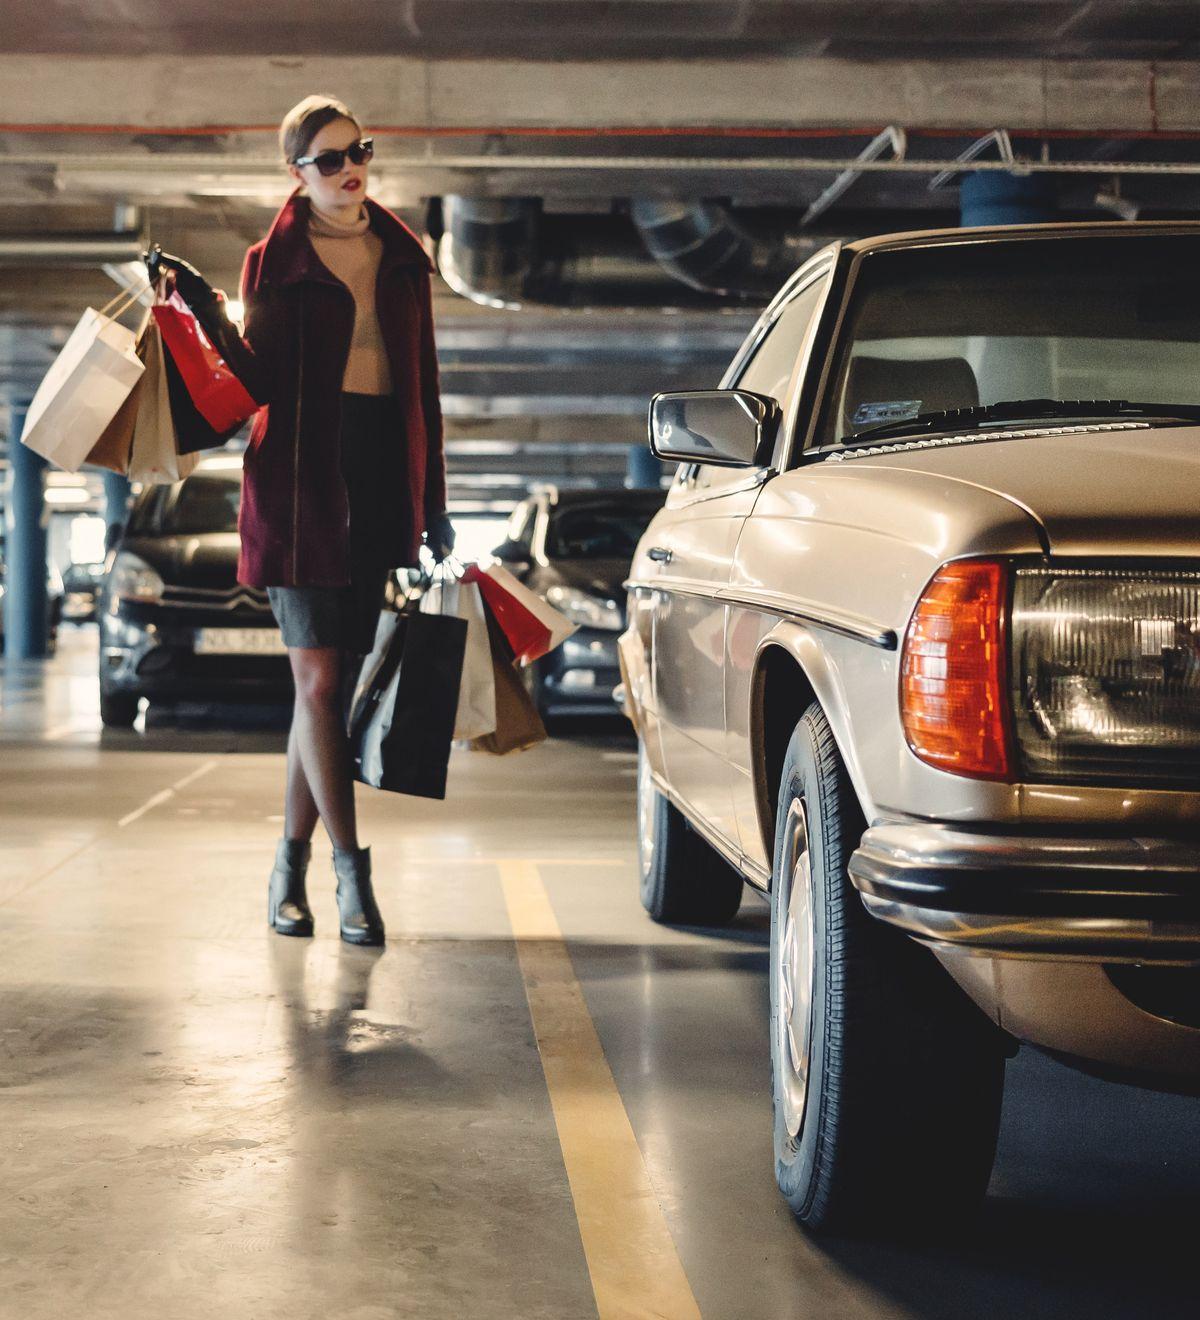 Mode-Schnäppchen - die Shopping-Tipps für den Winterschlussverkauf